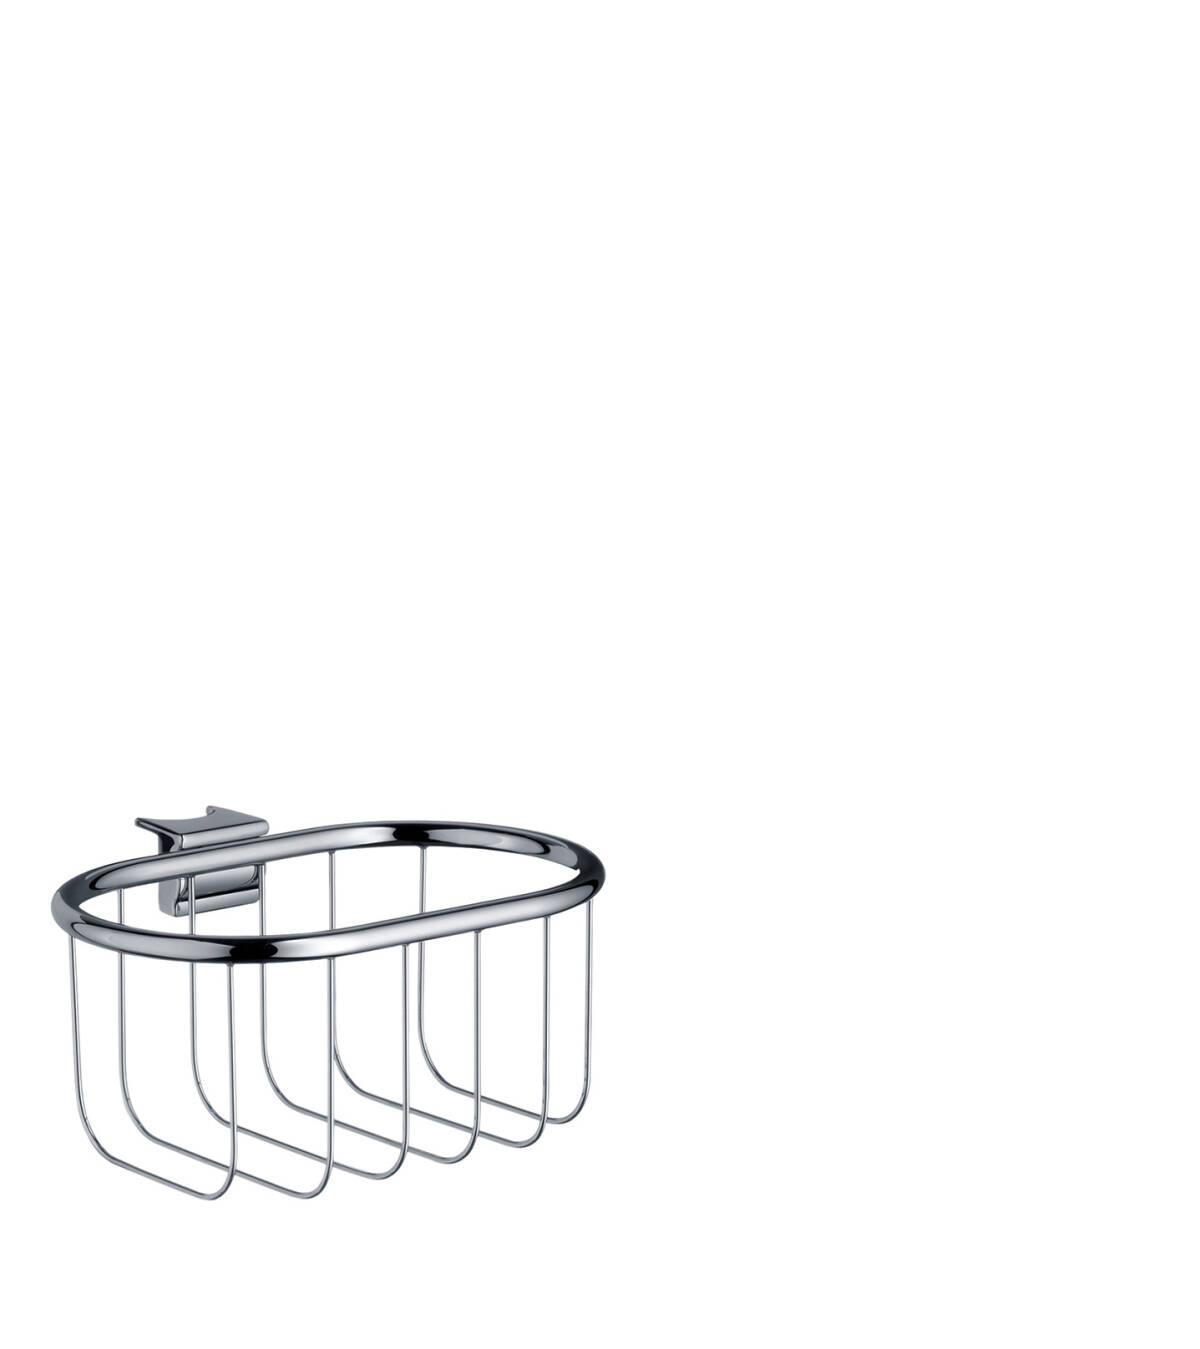 Corner basket 160/83, Chrome, 42066000